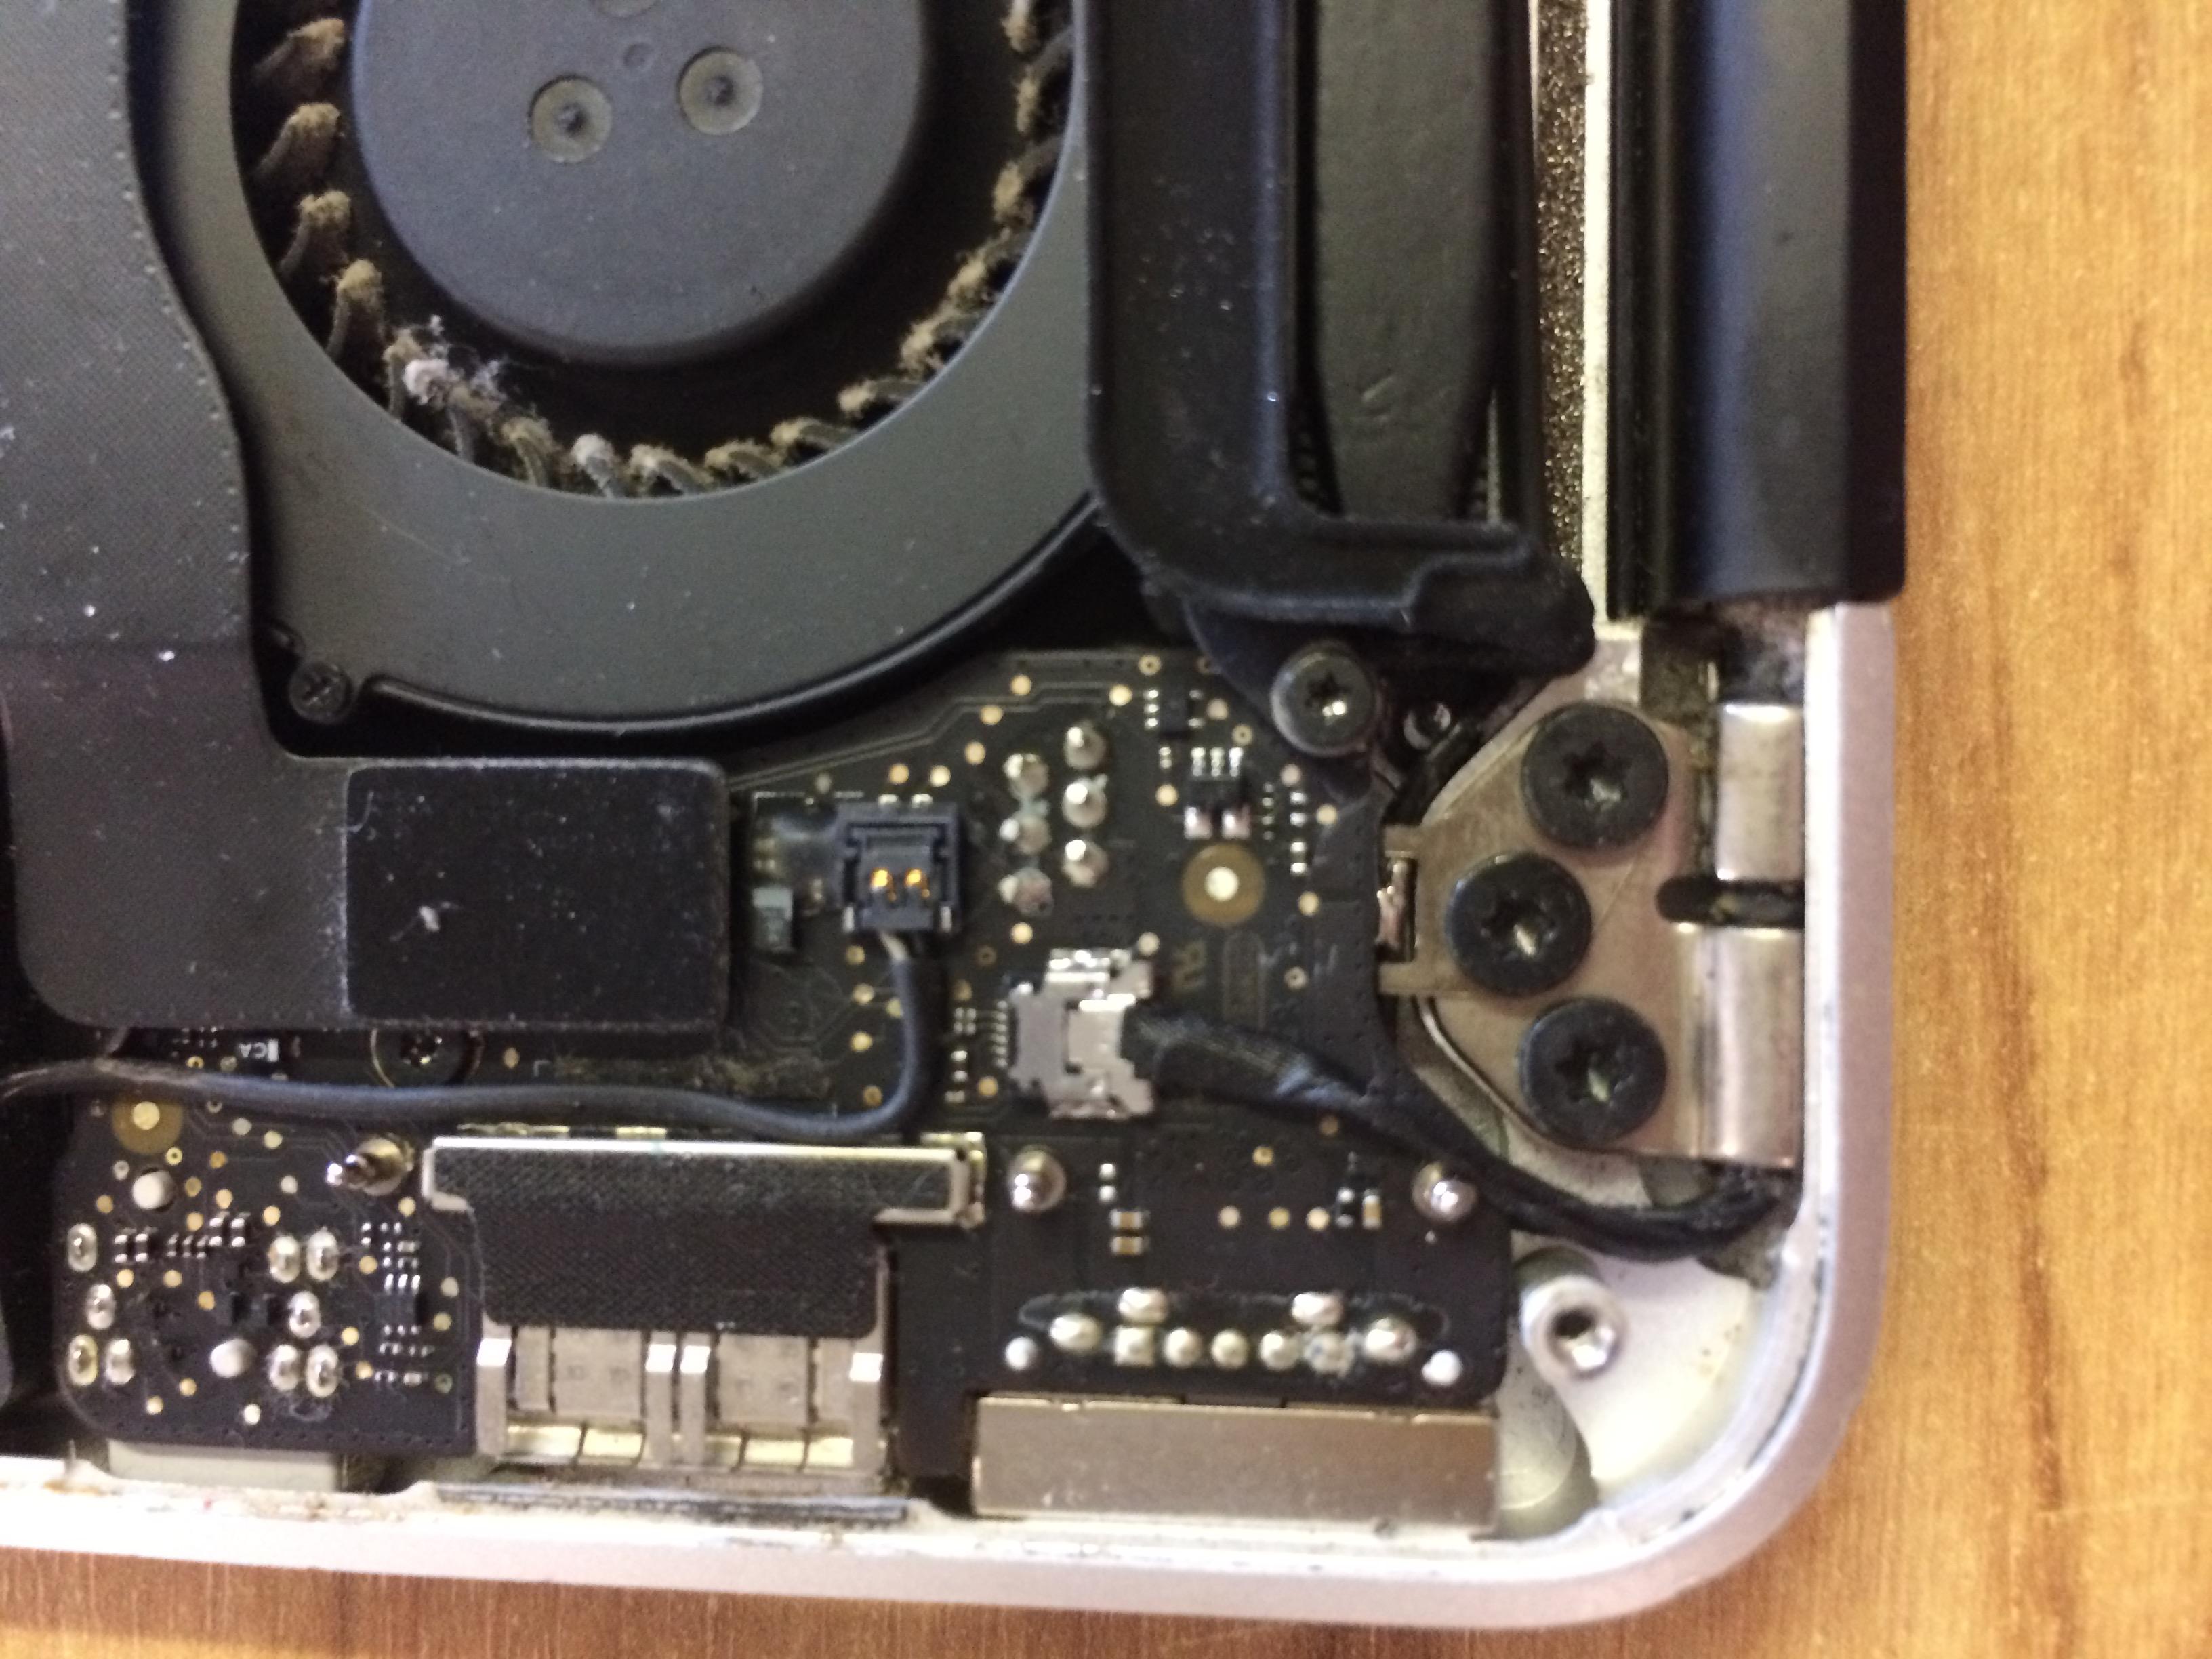 Replacing macbook air screen - Apple Community